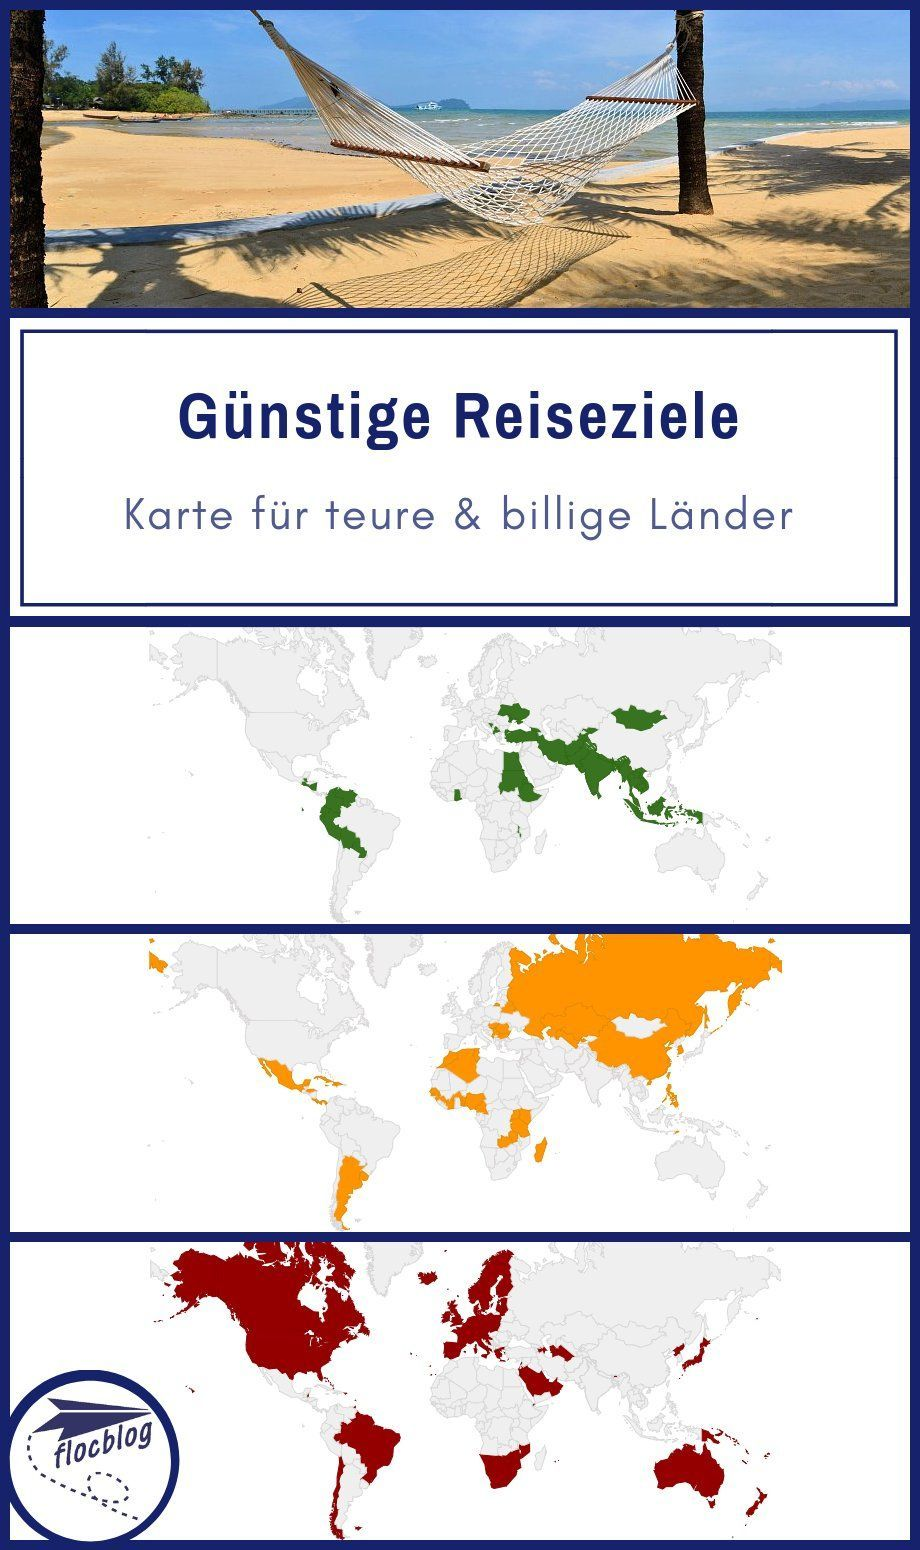 Mit günstigen Reisezielen können Reisende viel Geld sparen. Hier findest du eine Karte für teure und billige Länder im Jahr 2018. #Reiseziele #Reiseländer #Urlaubsziele #Budget #Reisebudget #Reisekasse #Kosten #billig #günstig #Länder #Weltreise #Backpacking #Reise #Rucksackreise #Reisetipps #Spartipps